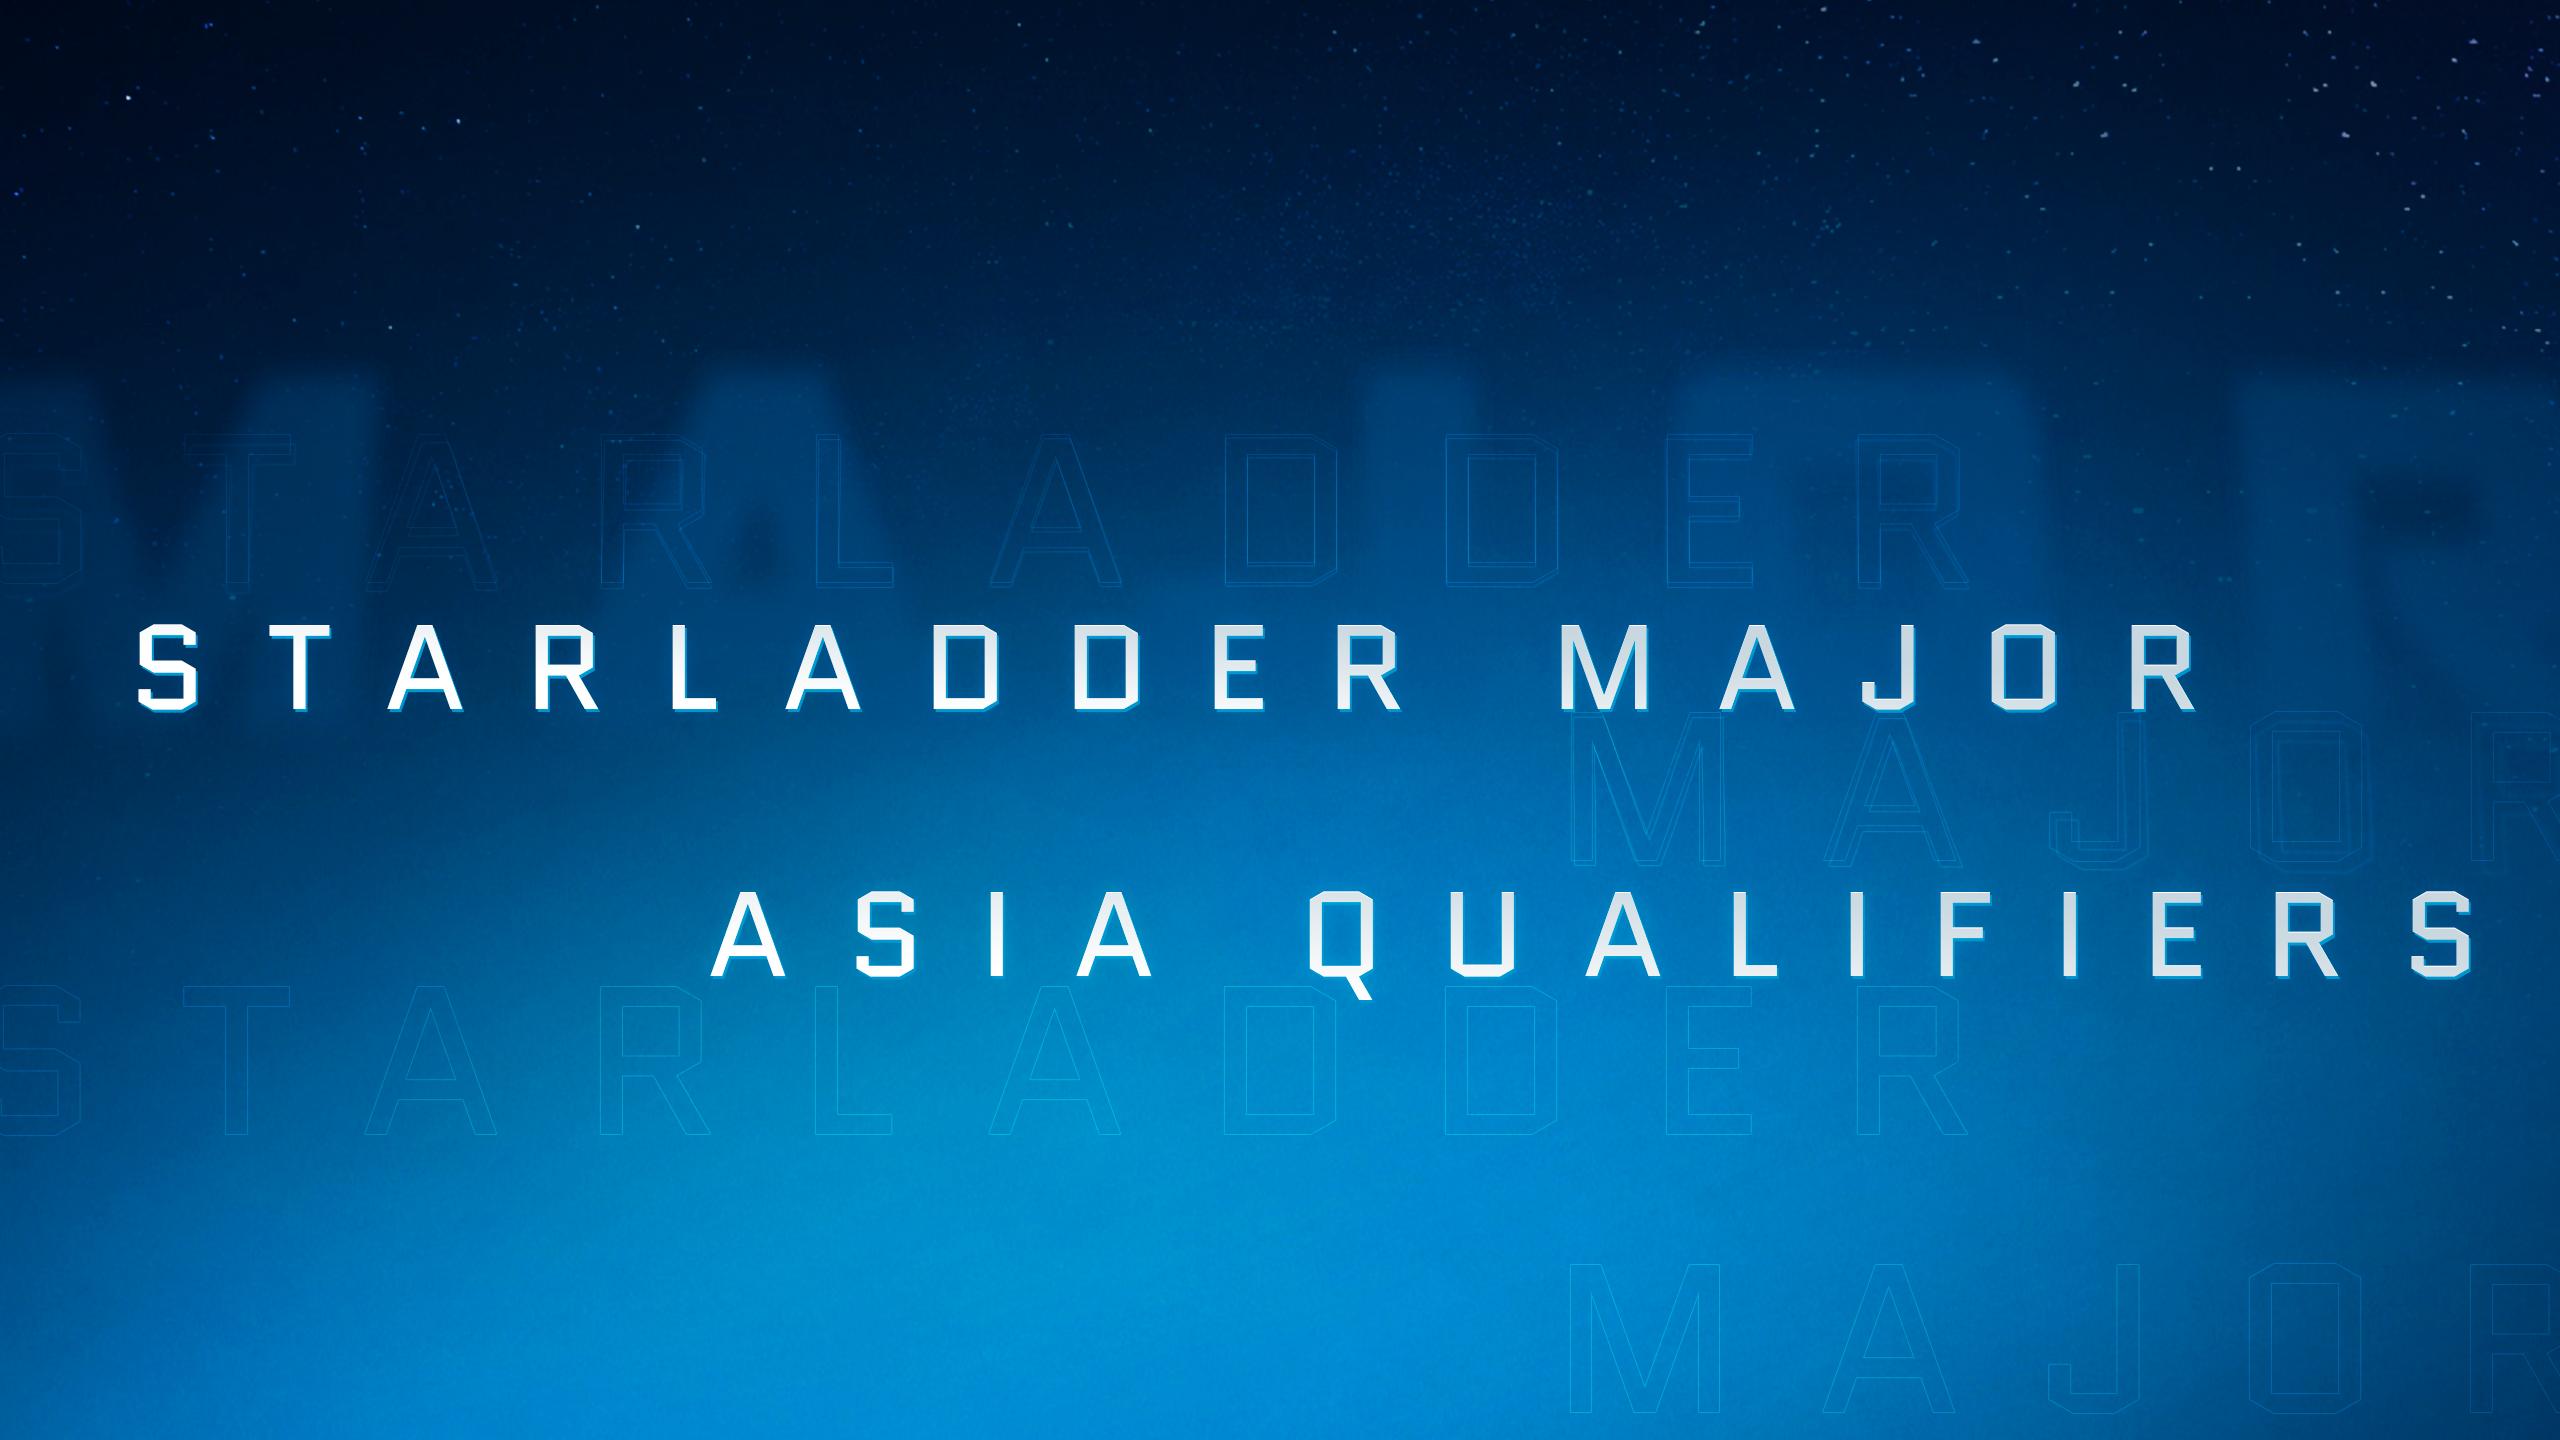 Списки приглашённых команд на закрытые квалификации для Китая и Океании